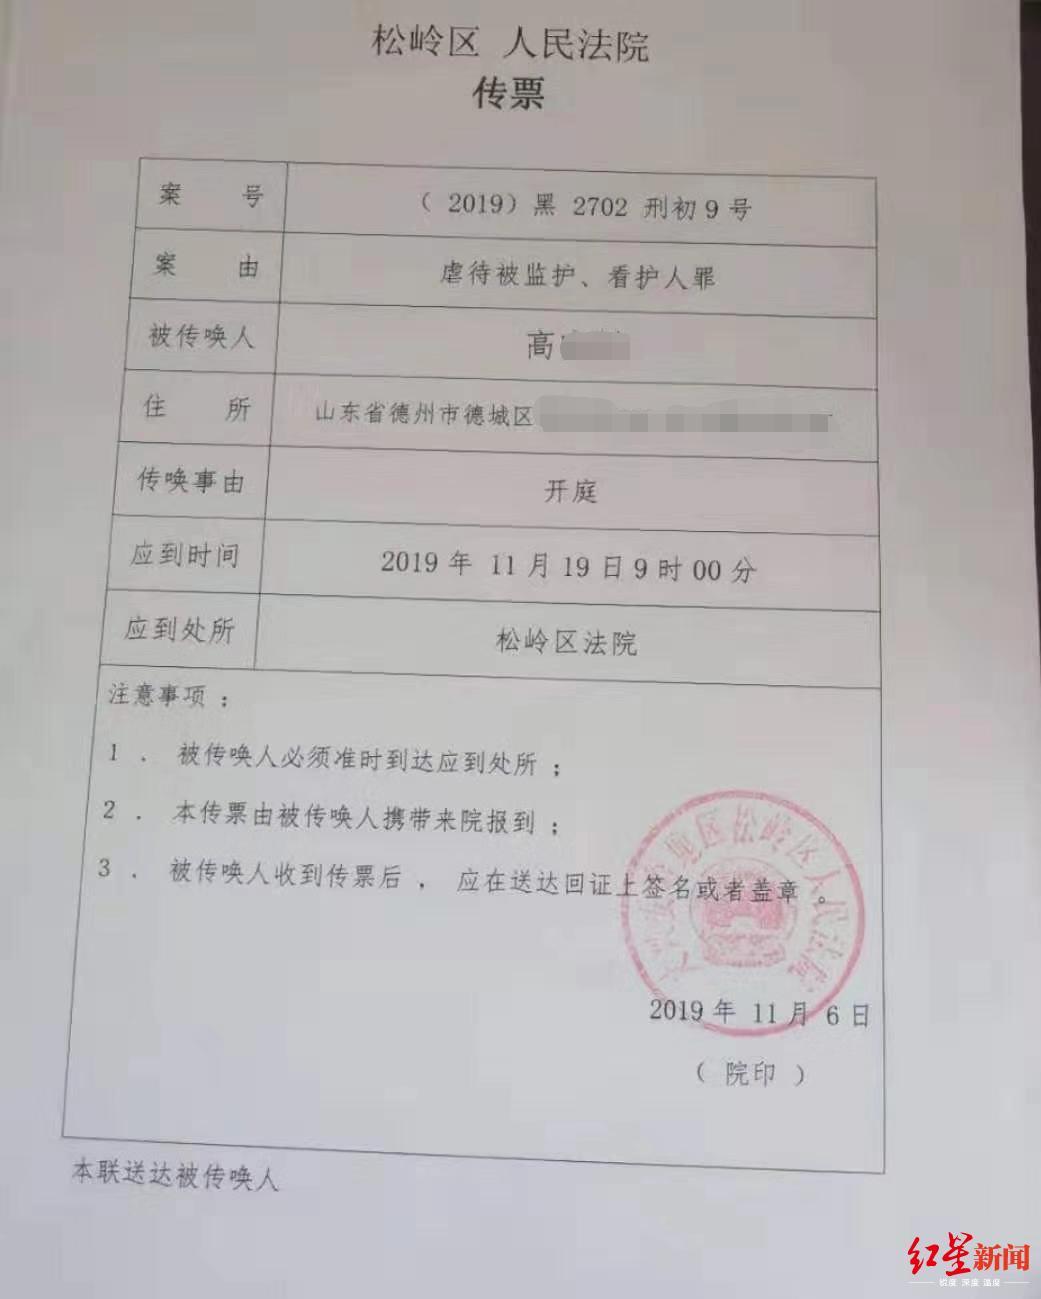 """黑龙江""""8岁女童被女教师殴打致精神残疾""""案19日开庭重审_高某某"""